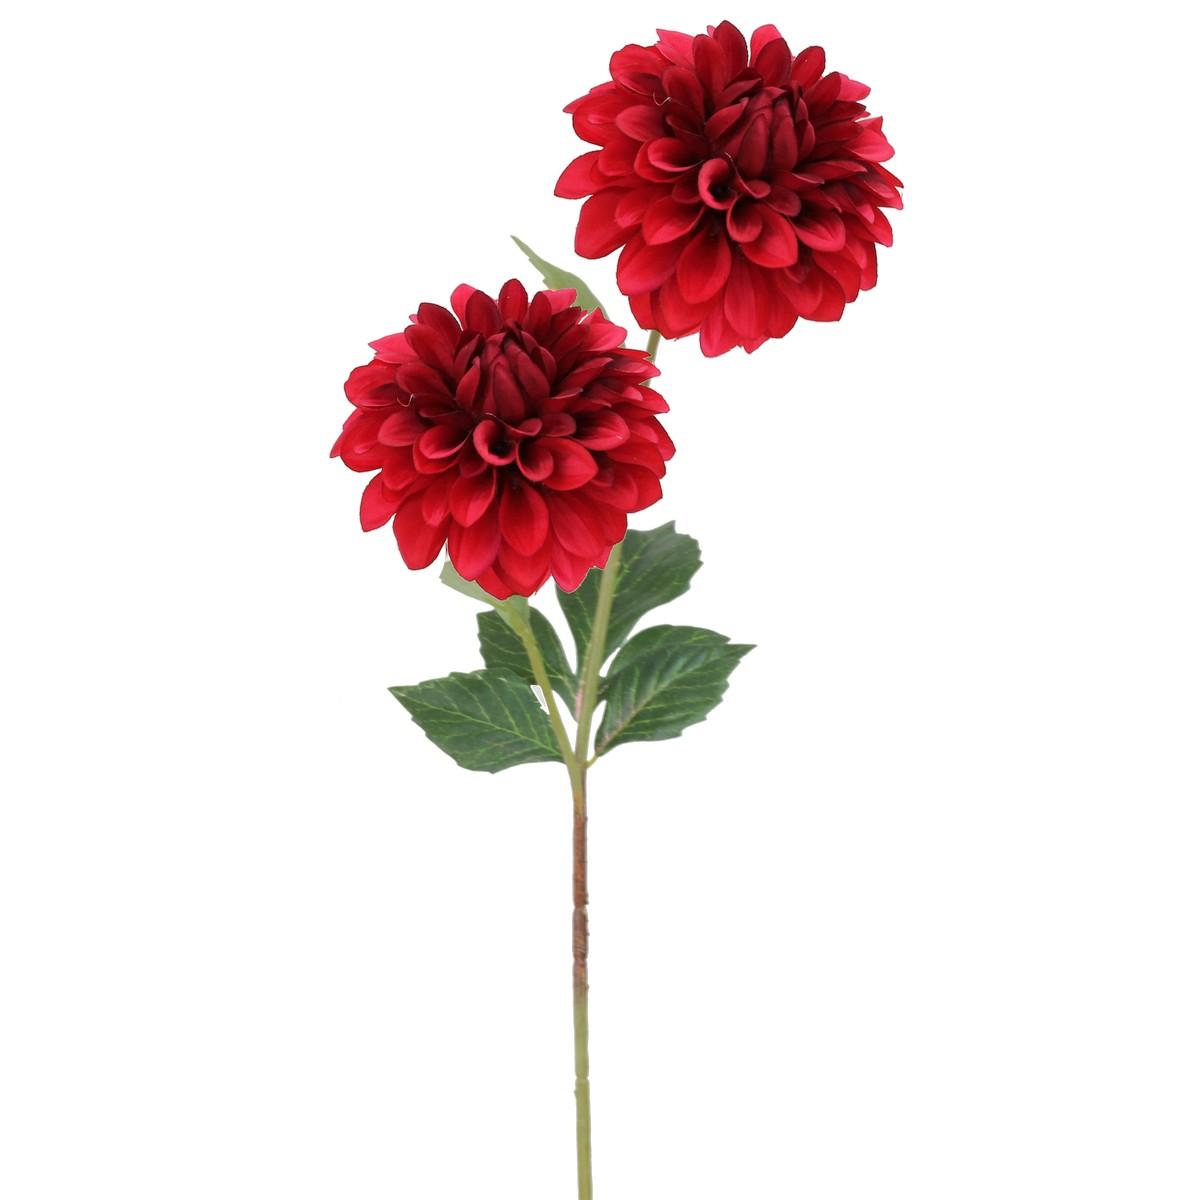 【造花】パレ/ダリアスプレー レッド/P-8291-50【01】【取寄】[12本]